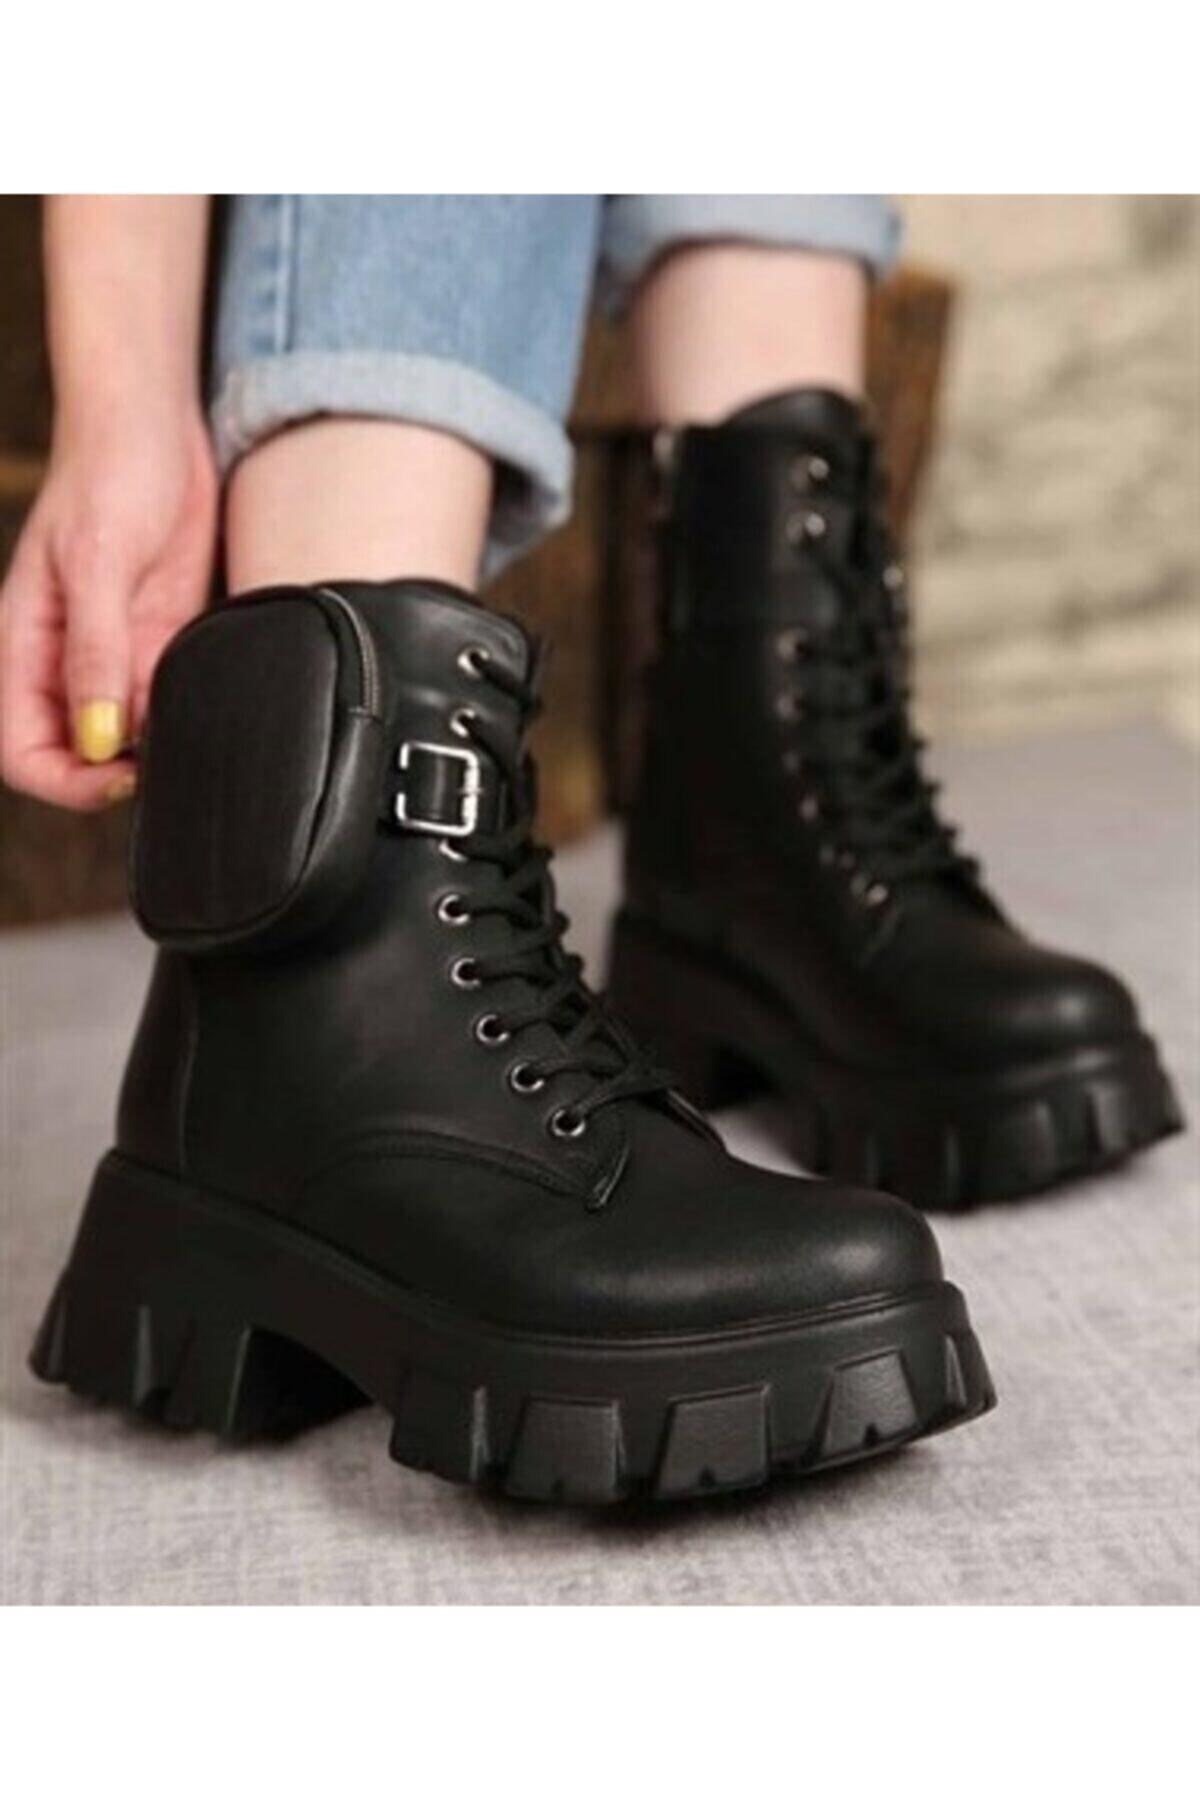 Öncerler Ayakkabı Kadın Siyah Cüzdanlı Bot 1